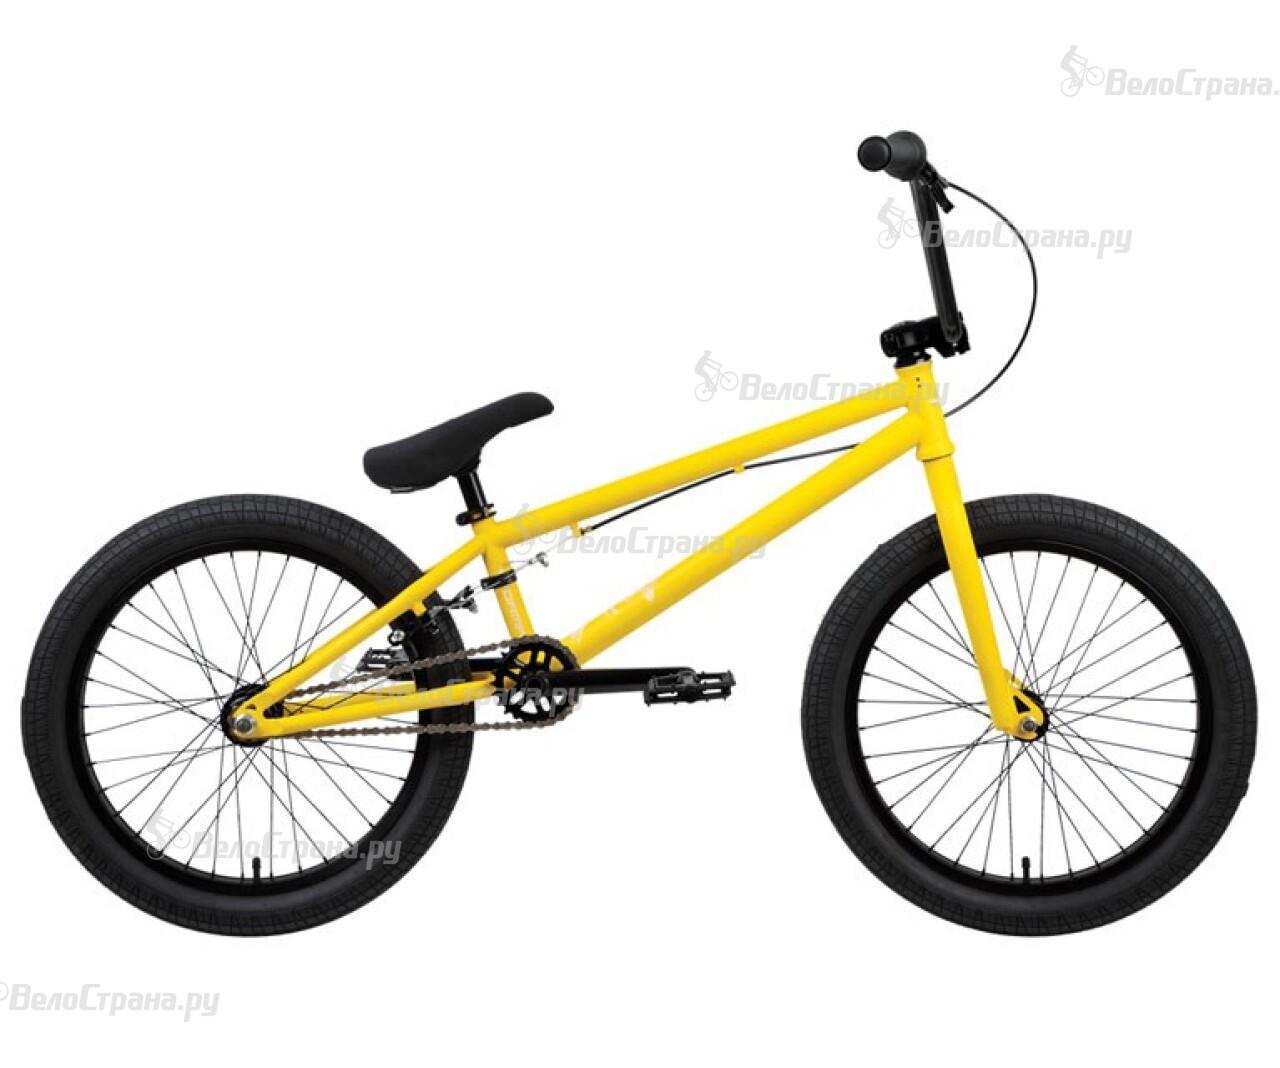 Велосипед Format 3213 (2014) велосипед format 1212 2014